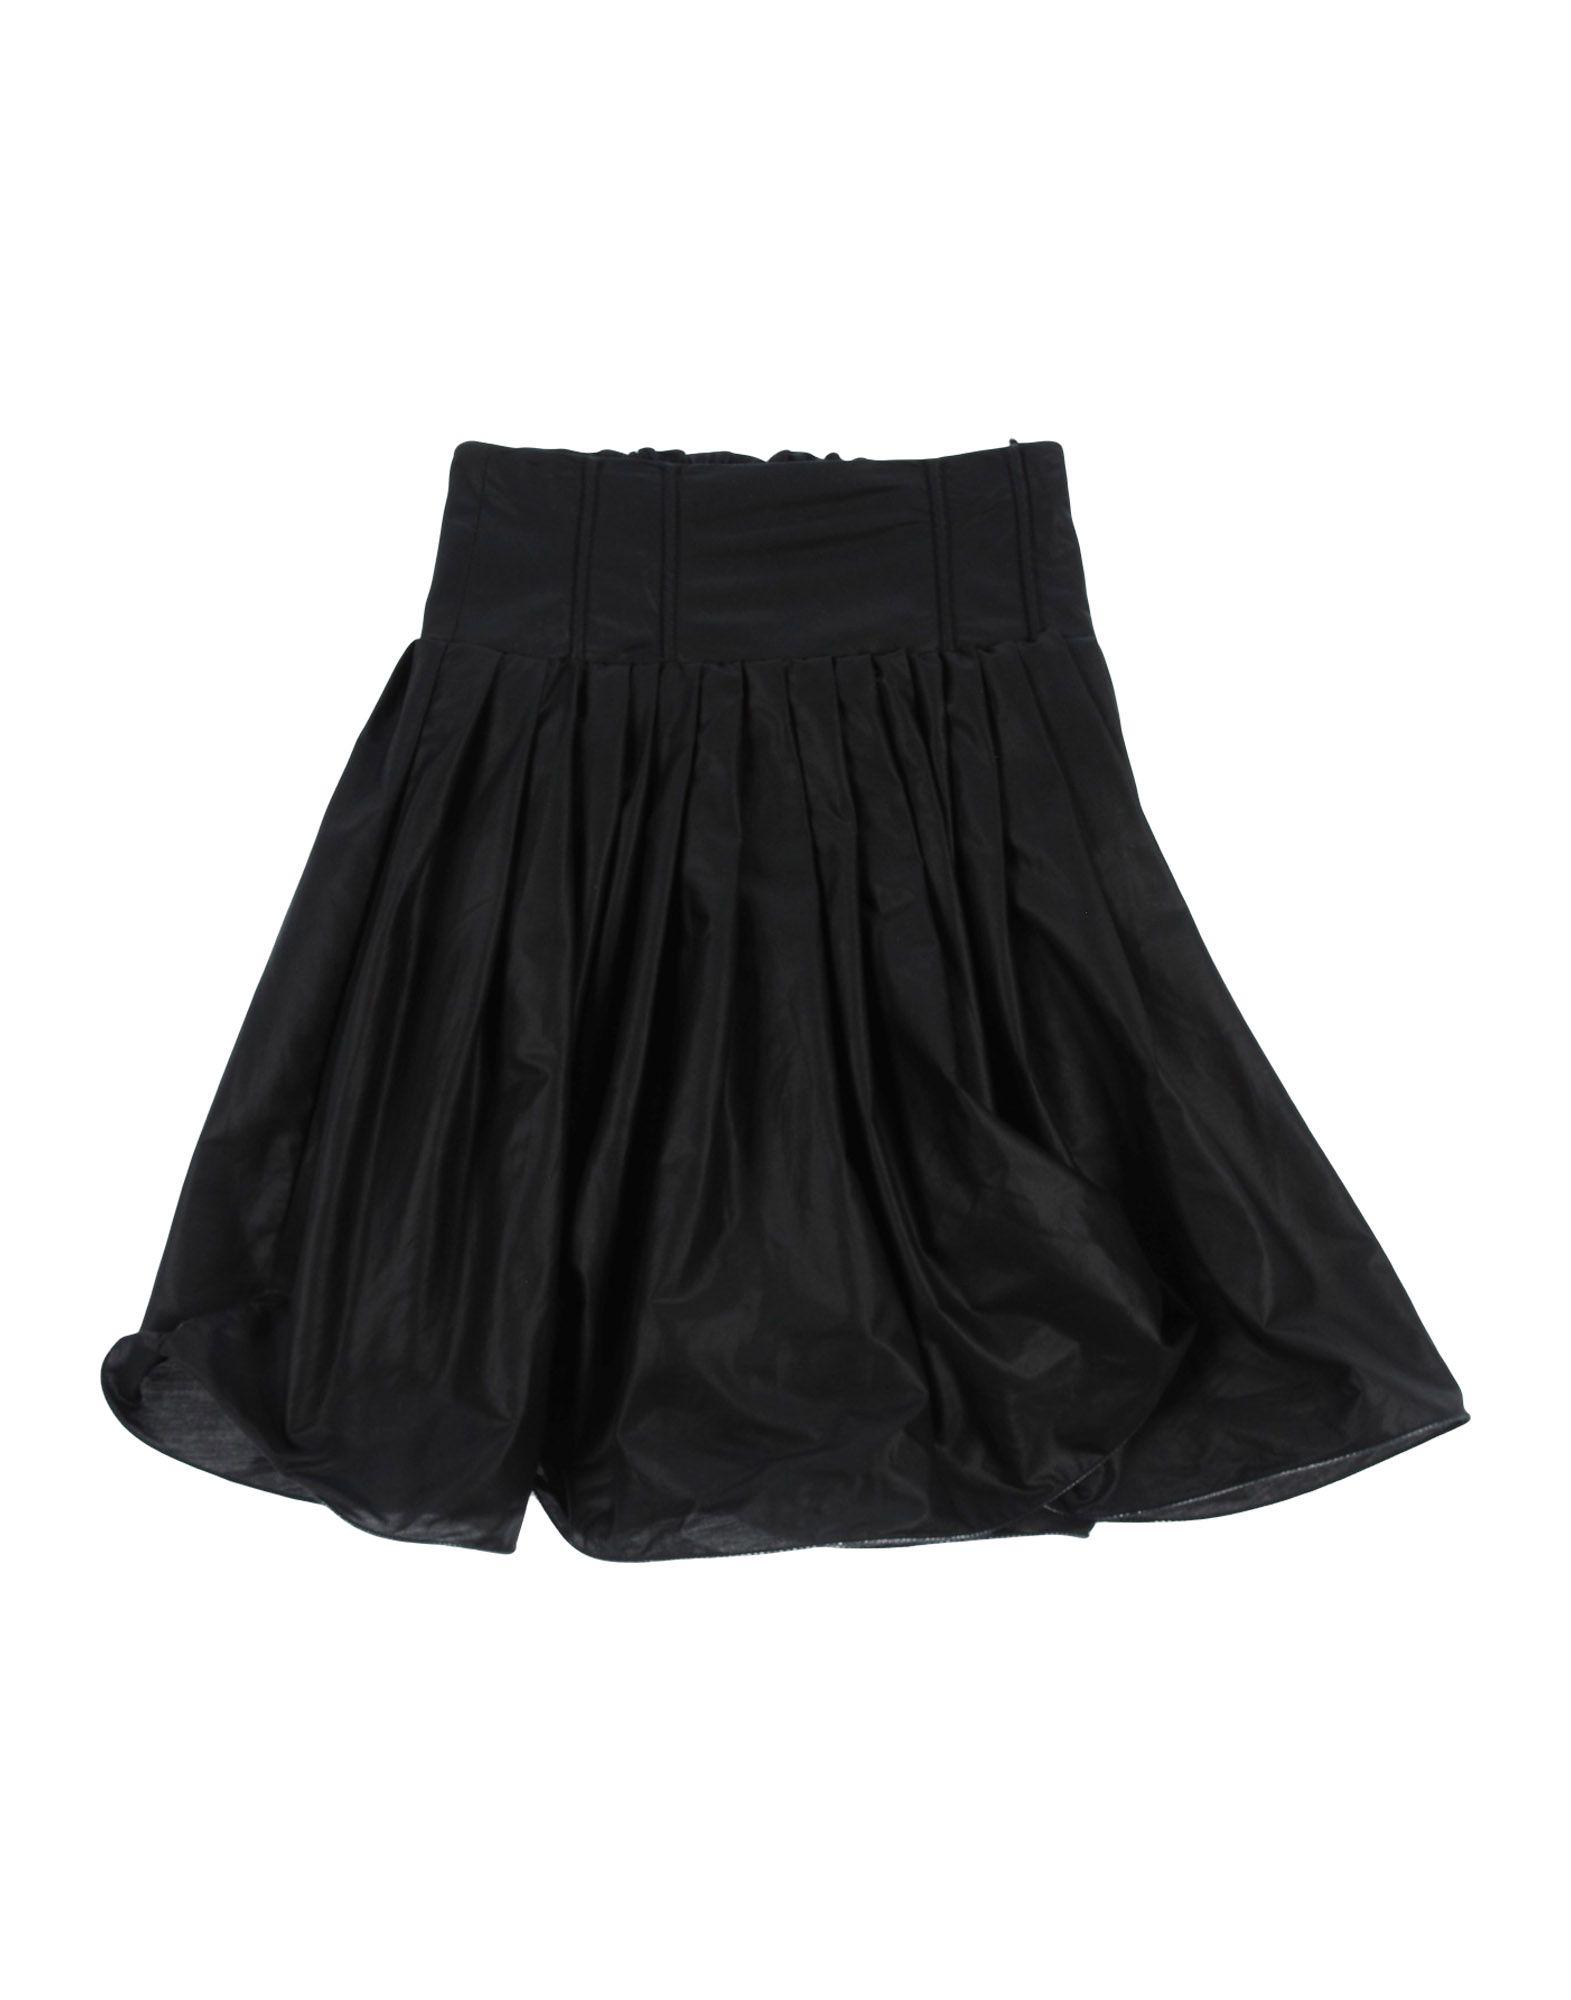 《送料無料》NOLITA POCKET ガールズ 3-8 歳 スカート ブラック 4 コットン 100%